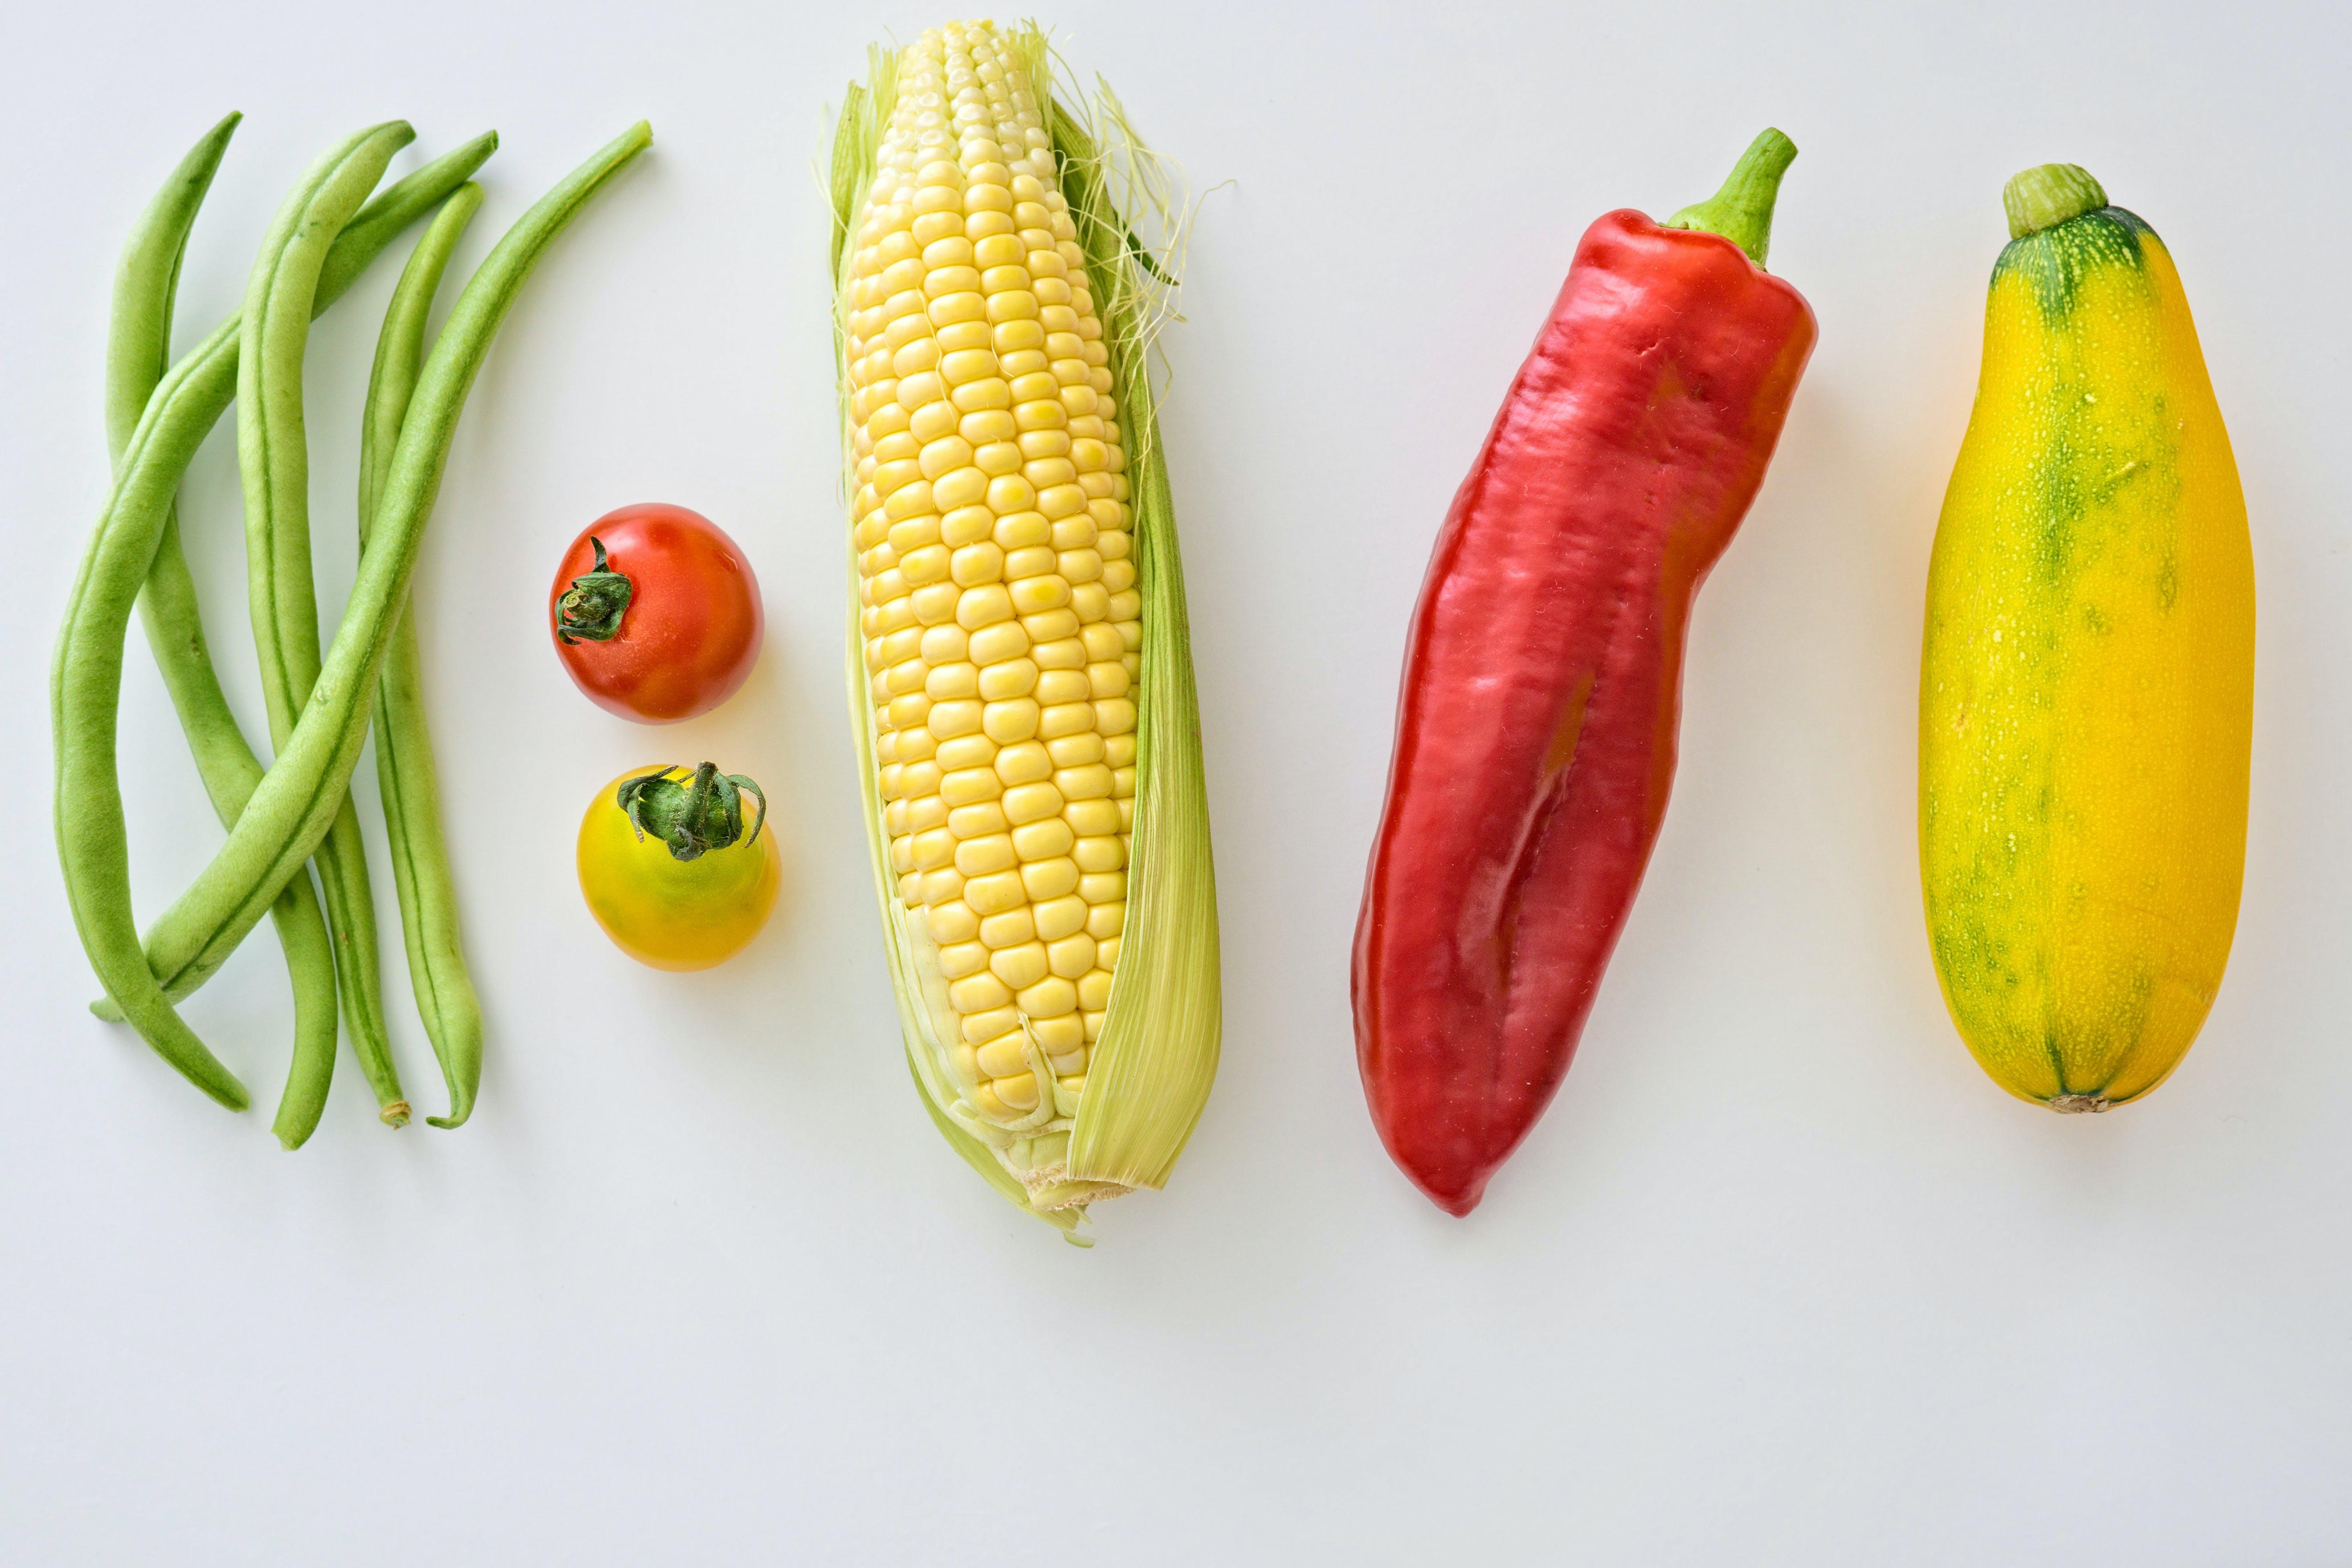 Ilmainen kuvapankkikuva tunnisteilla chilipippuri, hedelmä, hedelmät, kasvissyöjä